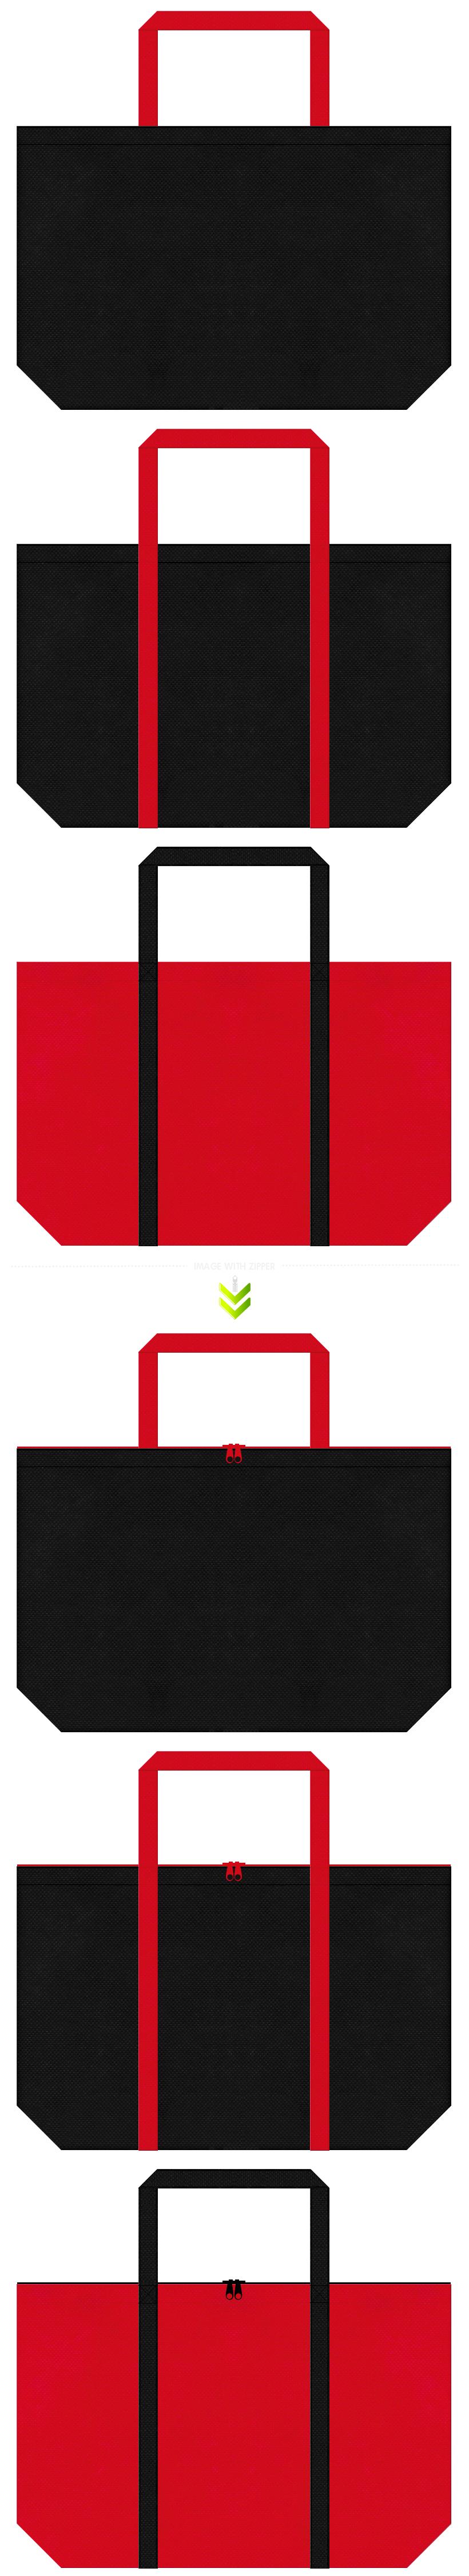 スポーティーファッションの不織布バッグにお奨めの配色です。黒色と紅色の不織布バッグ